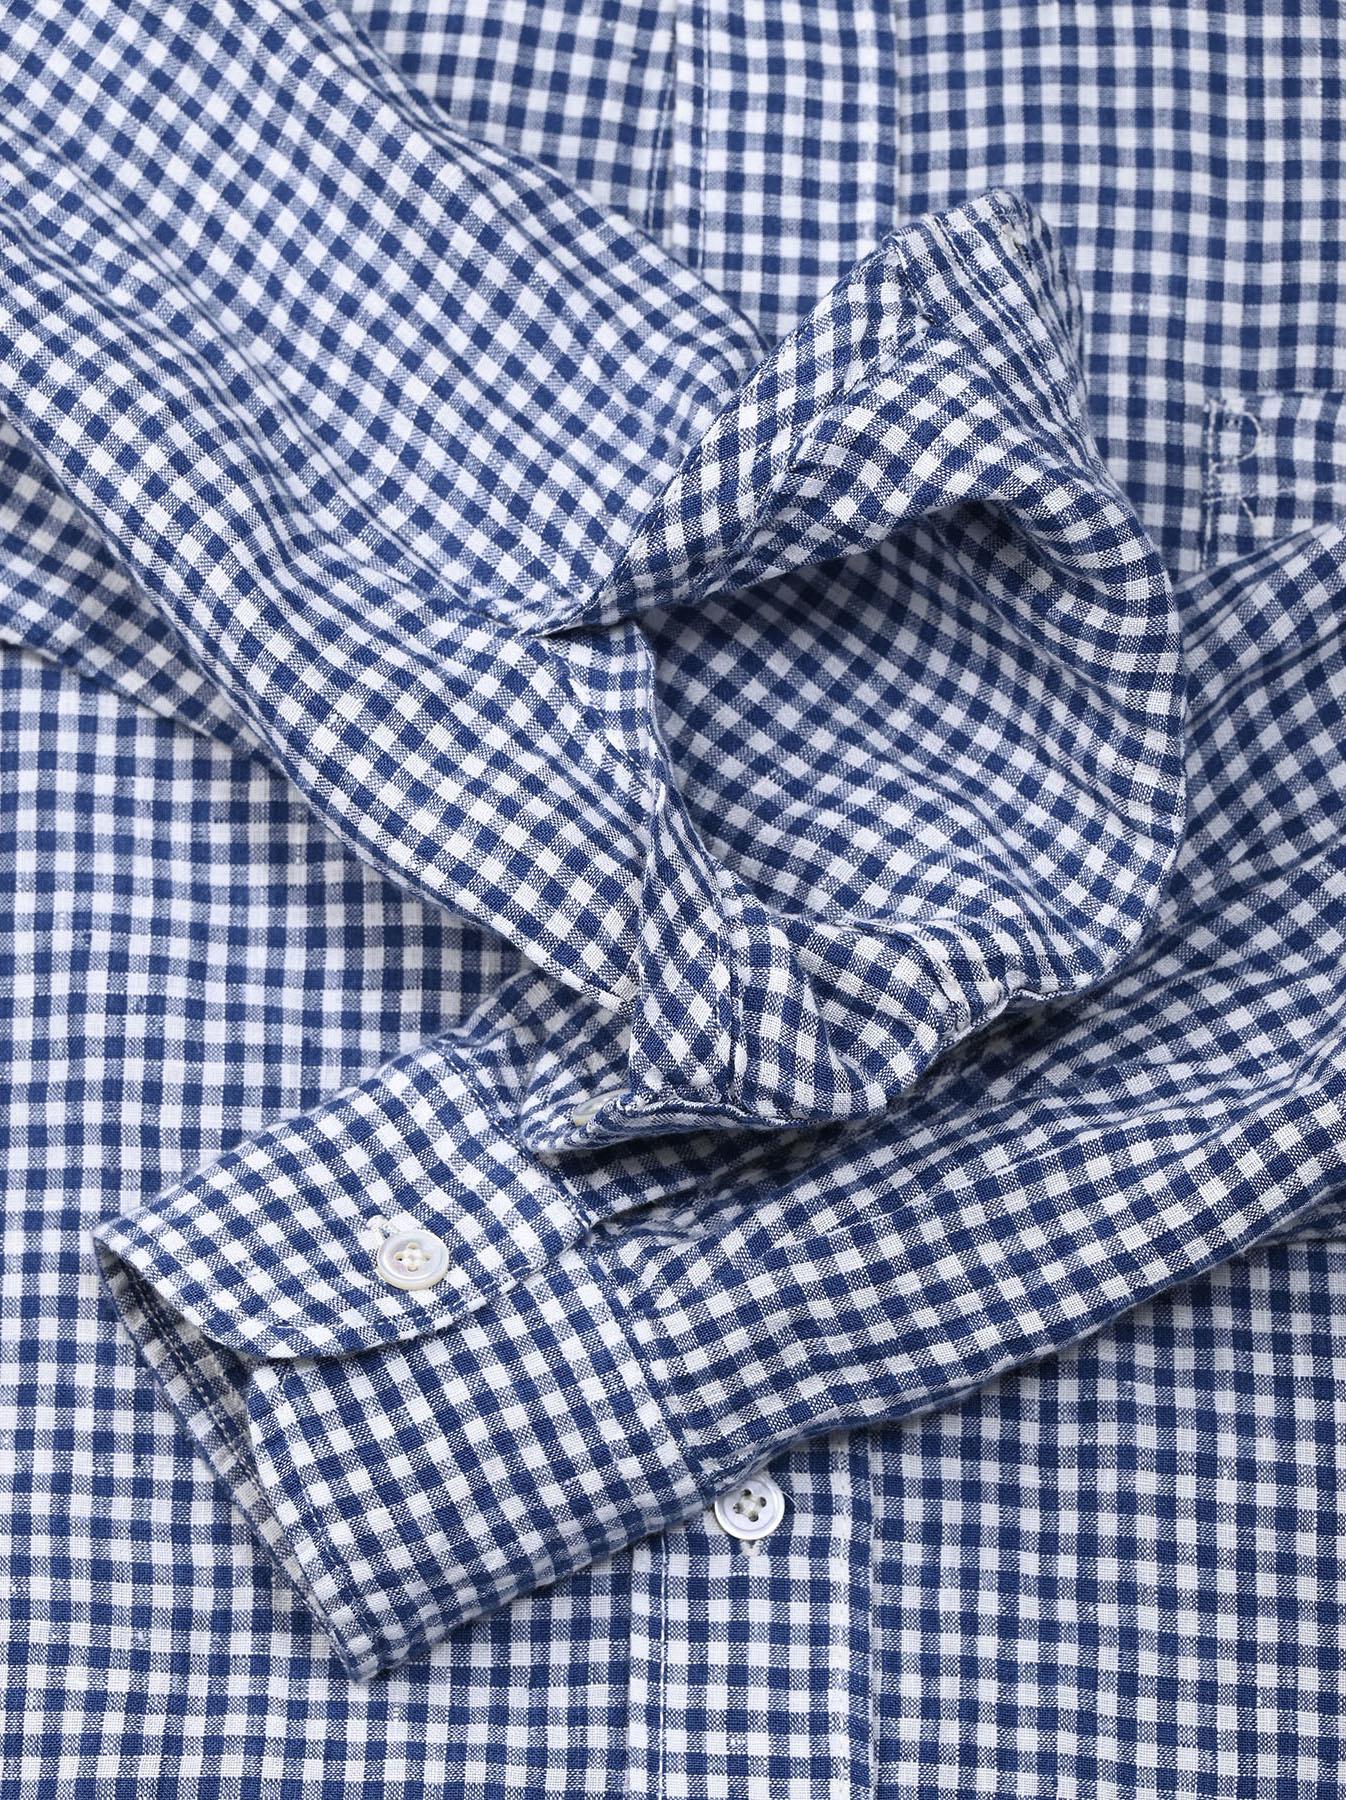 Indian Linen Flat 908 Ocean Shirt (0521)-11